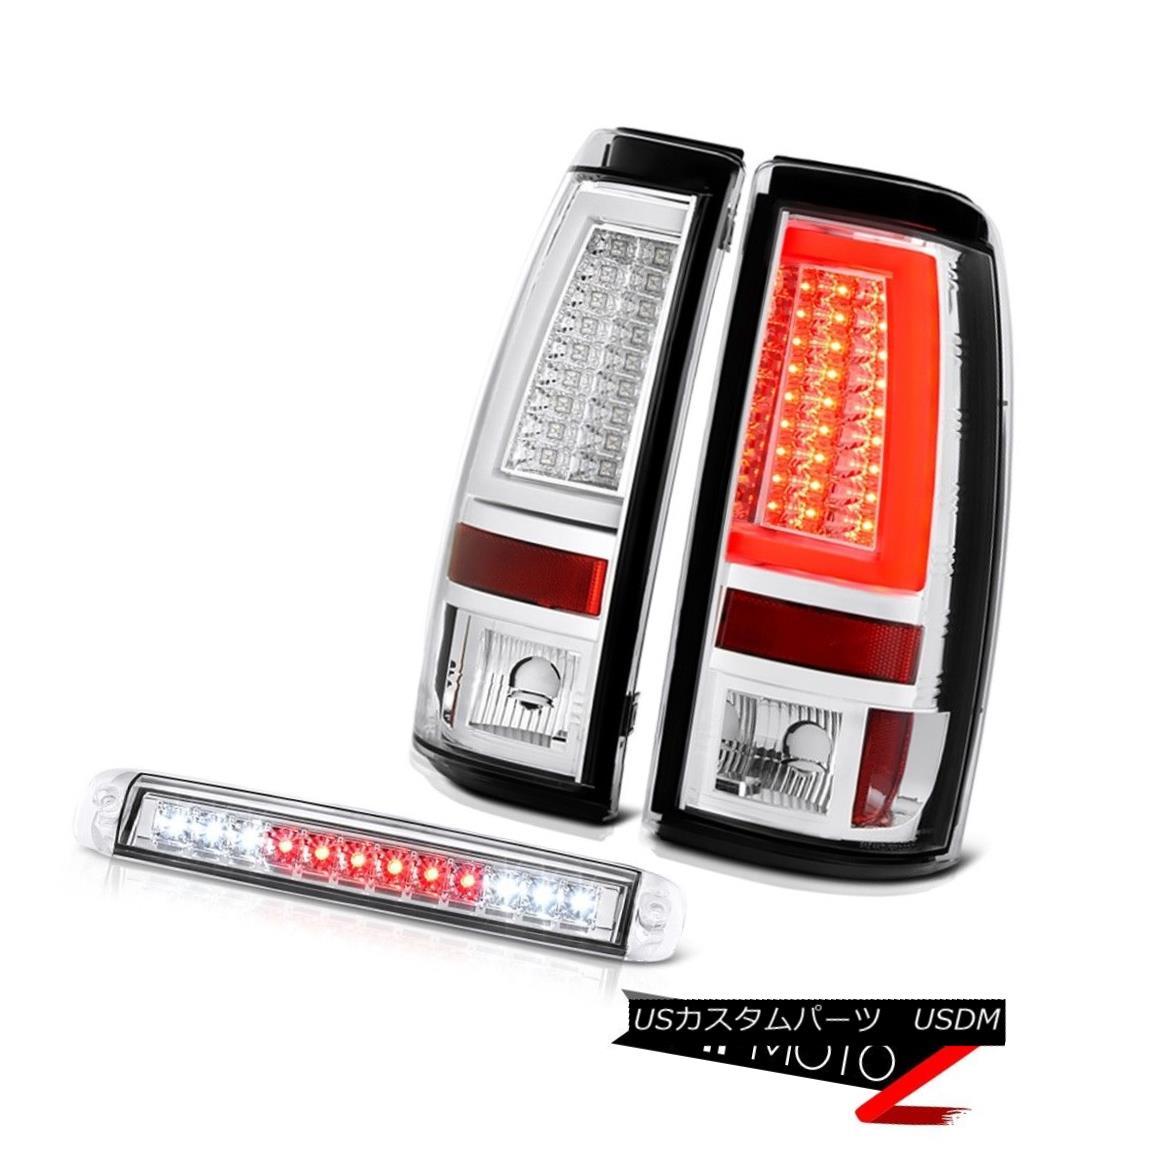 テールライト 03-06 Silverado 2500Hd Sterling Chrome Parking Brake Lights Roof Light Light Bar 03-06 Silverado 2500Hdスターリングクロムパーキングブレーキライトルーフライトバー